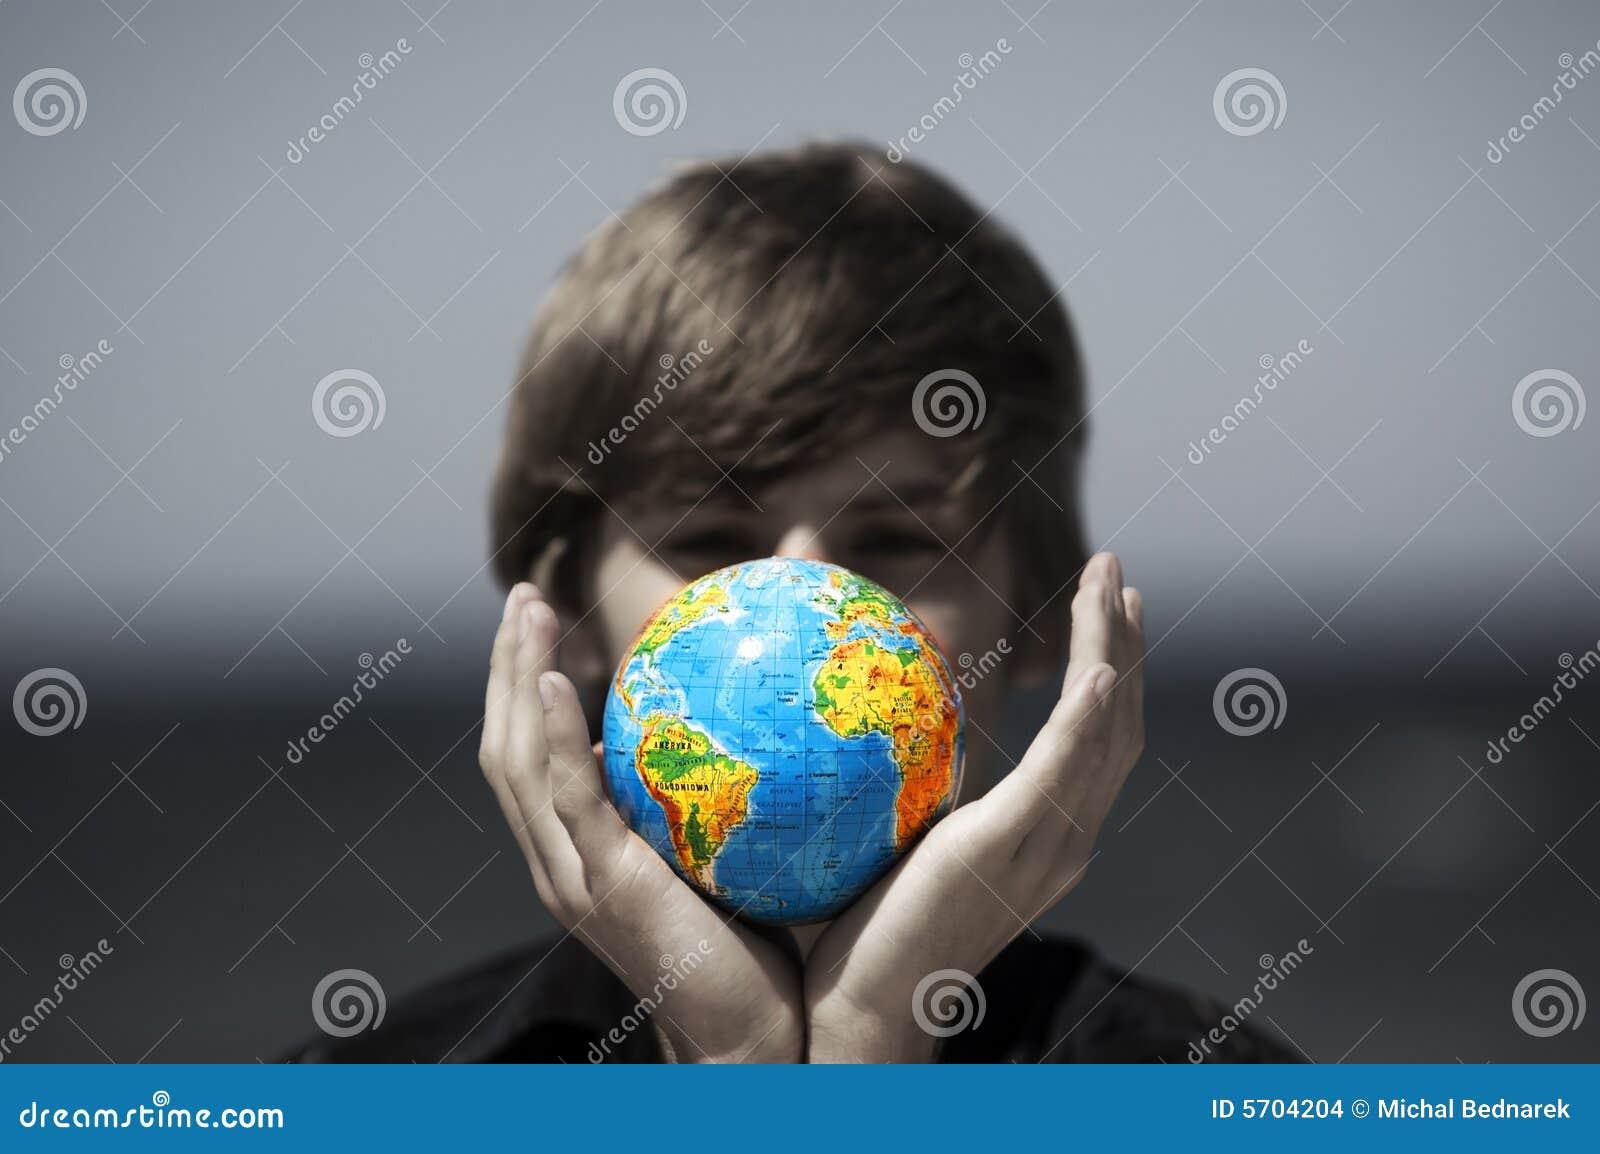 Globo della terra in mani. Immagine concettuale